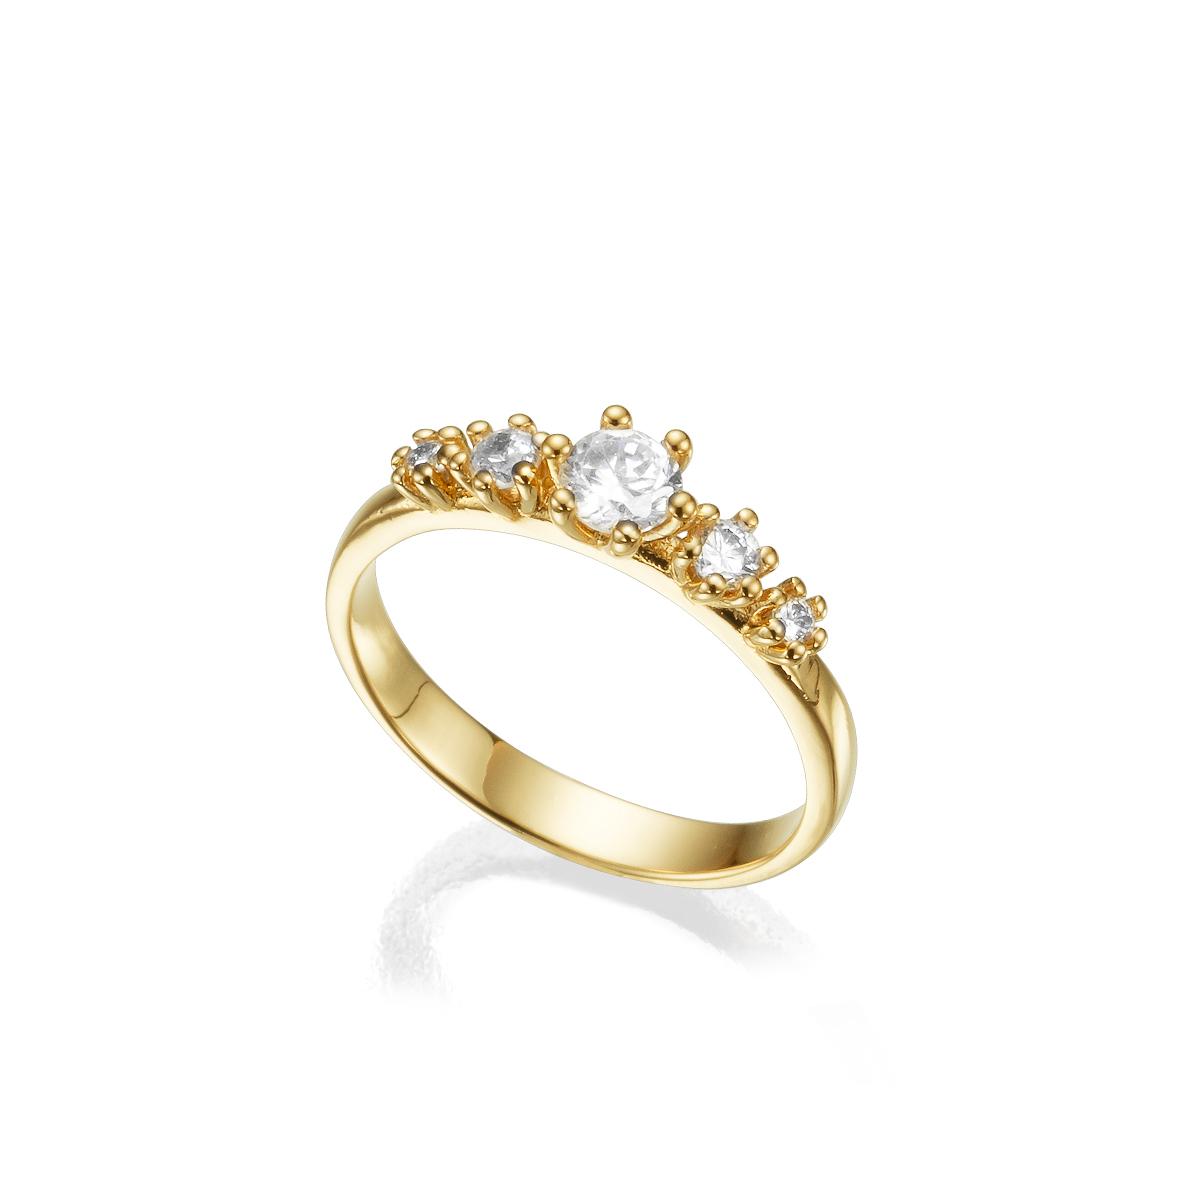 טבעת זהב משובצת 5 יהלומים בשיבוץ שיניים